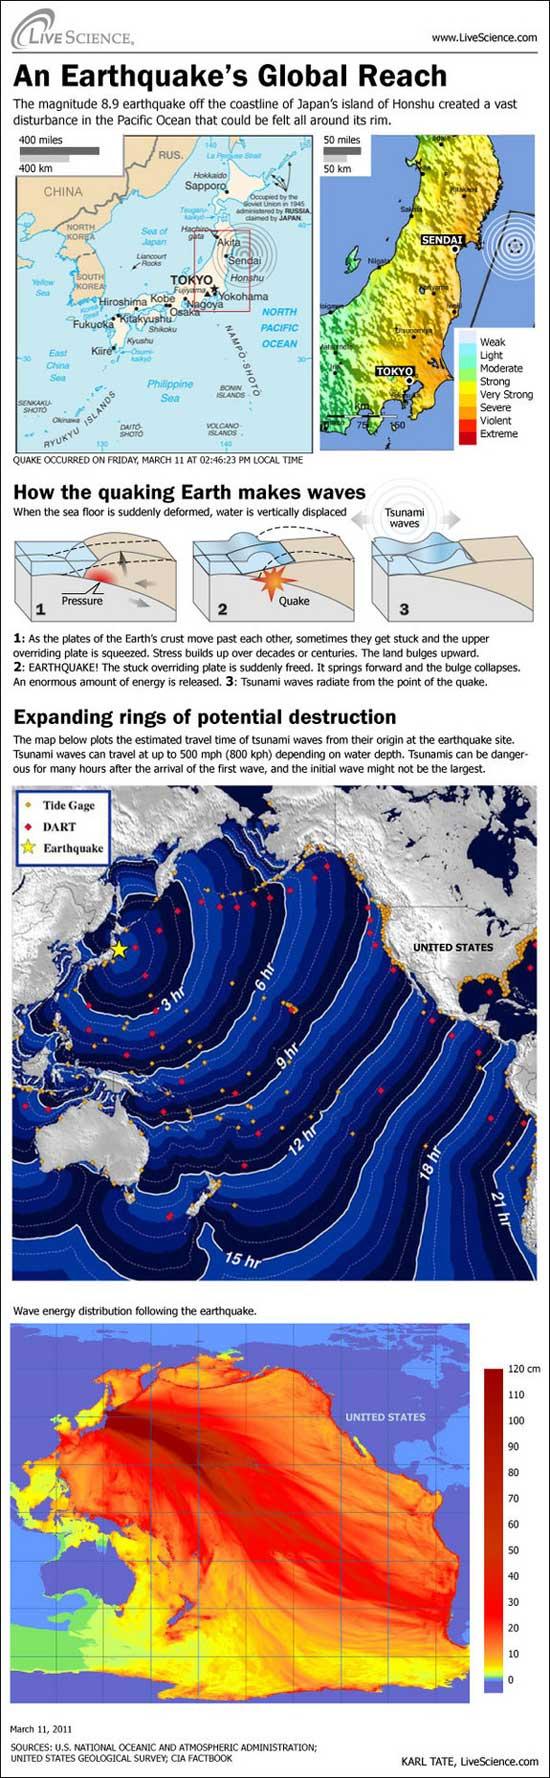 alcance global del terremoto y tsunami de Japón 2011